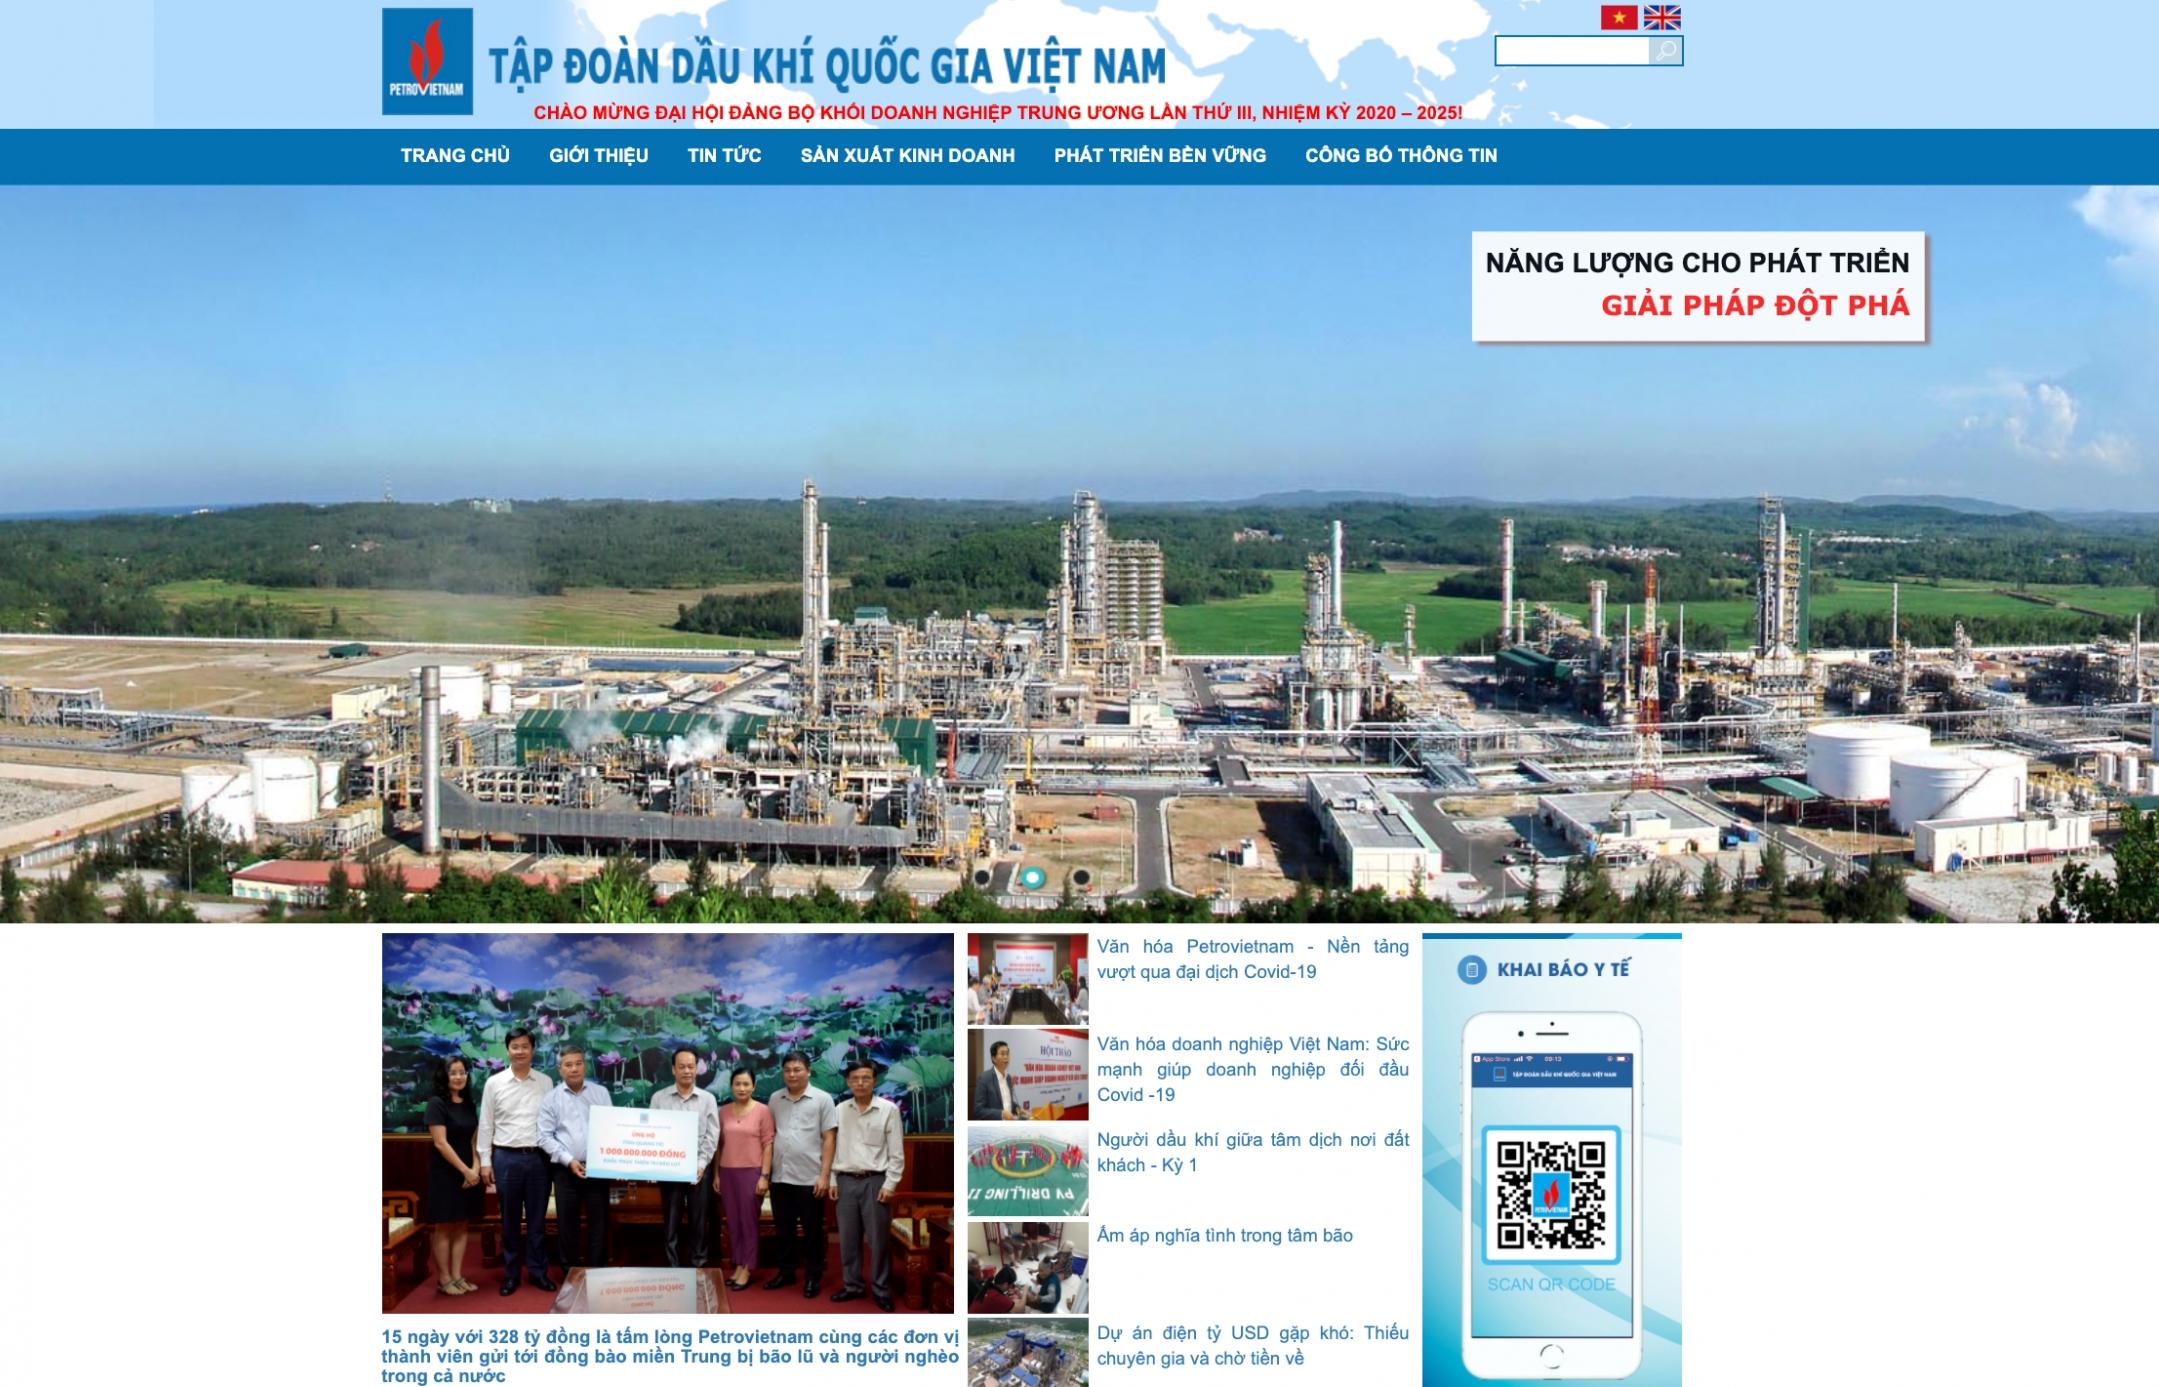 Website của PVN dẫn đầu về lượt truy cập trong các tập đoàn, tổng công ty